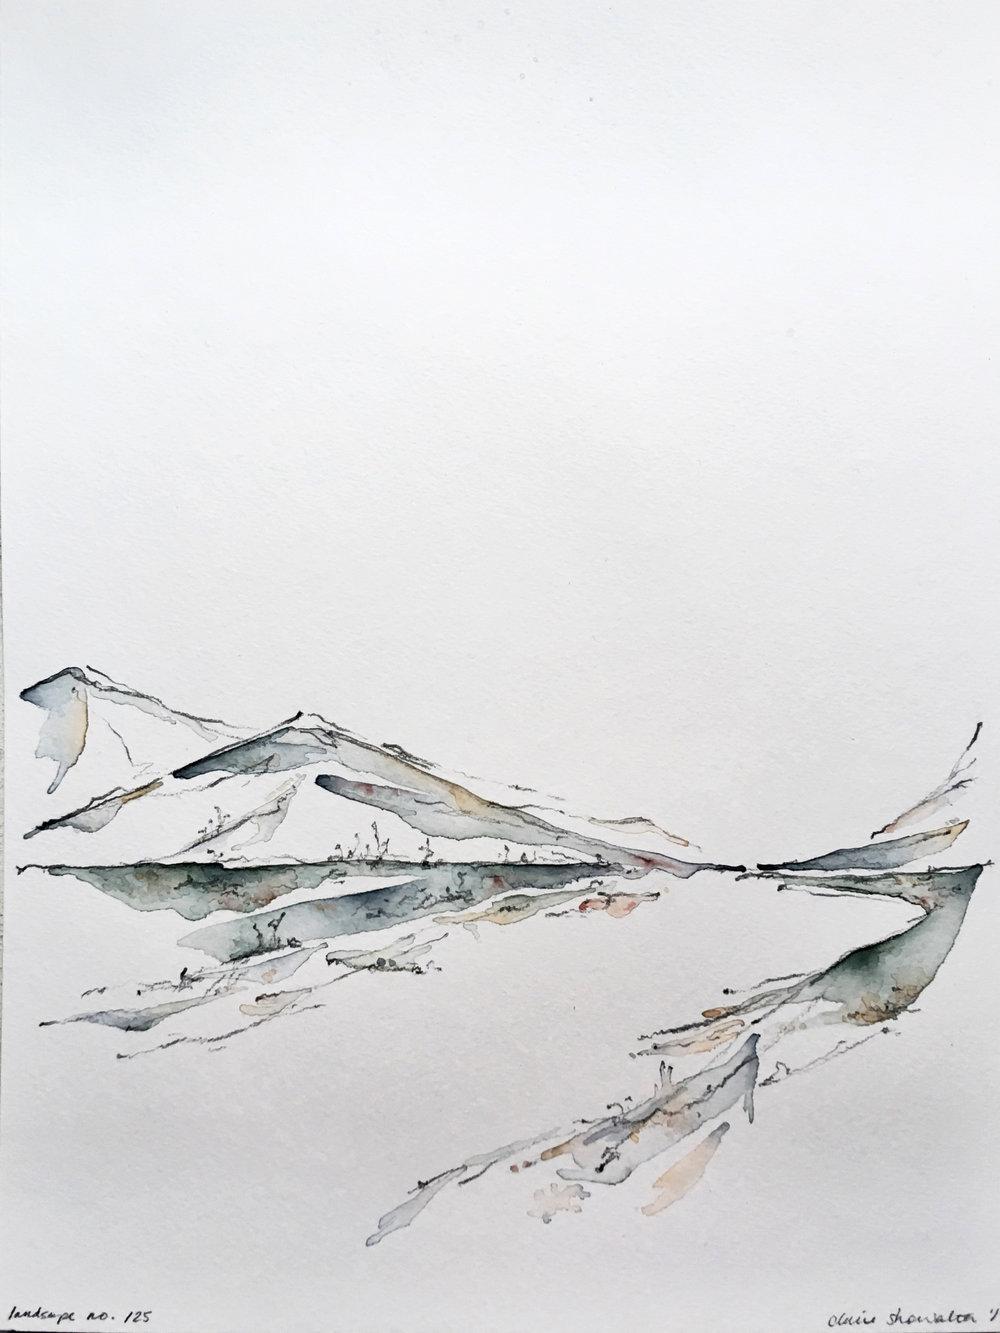 landscape no 125.JPG